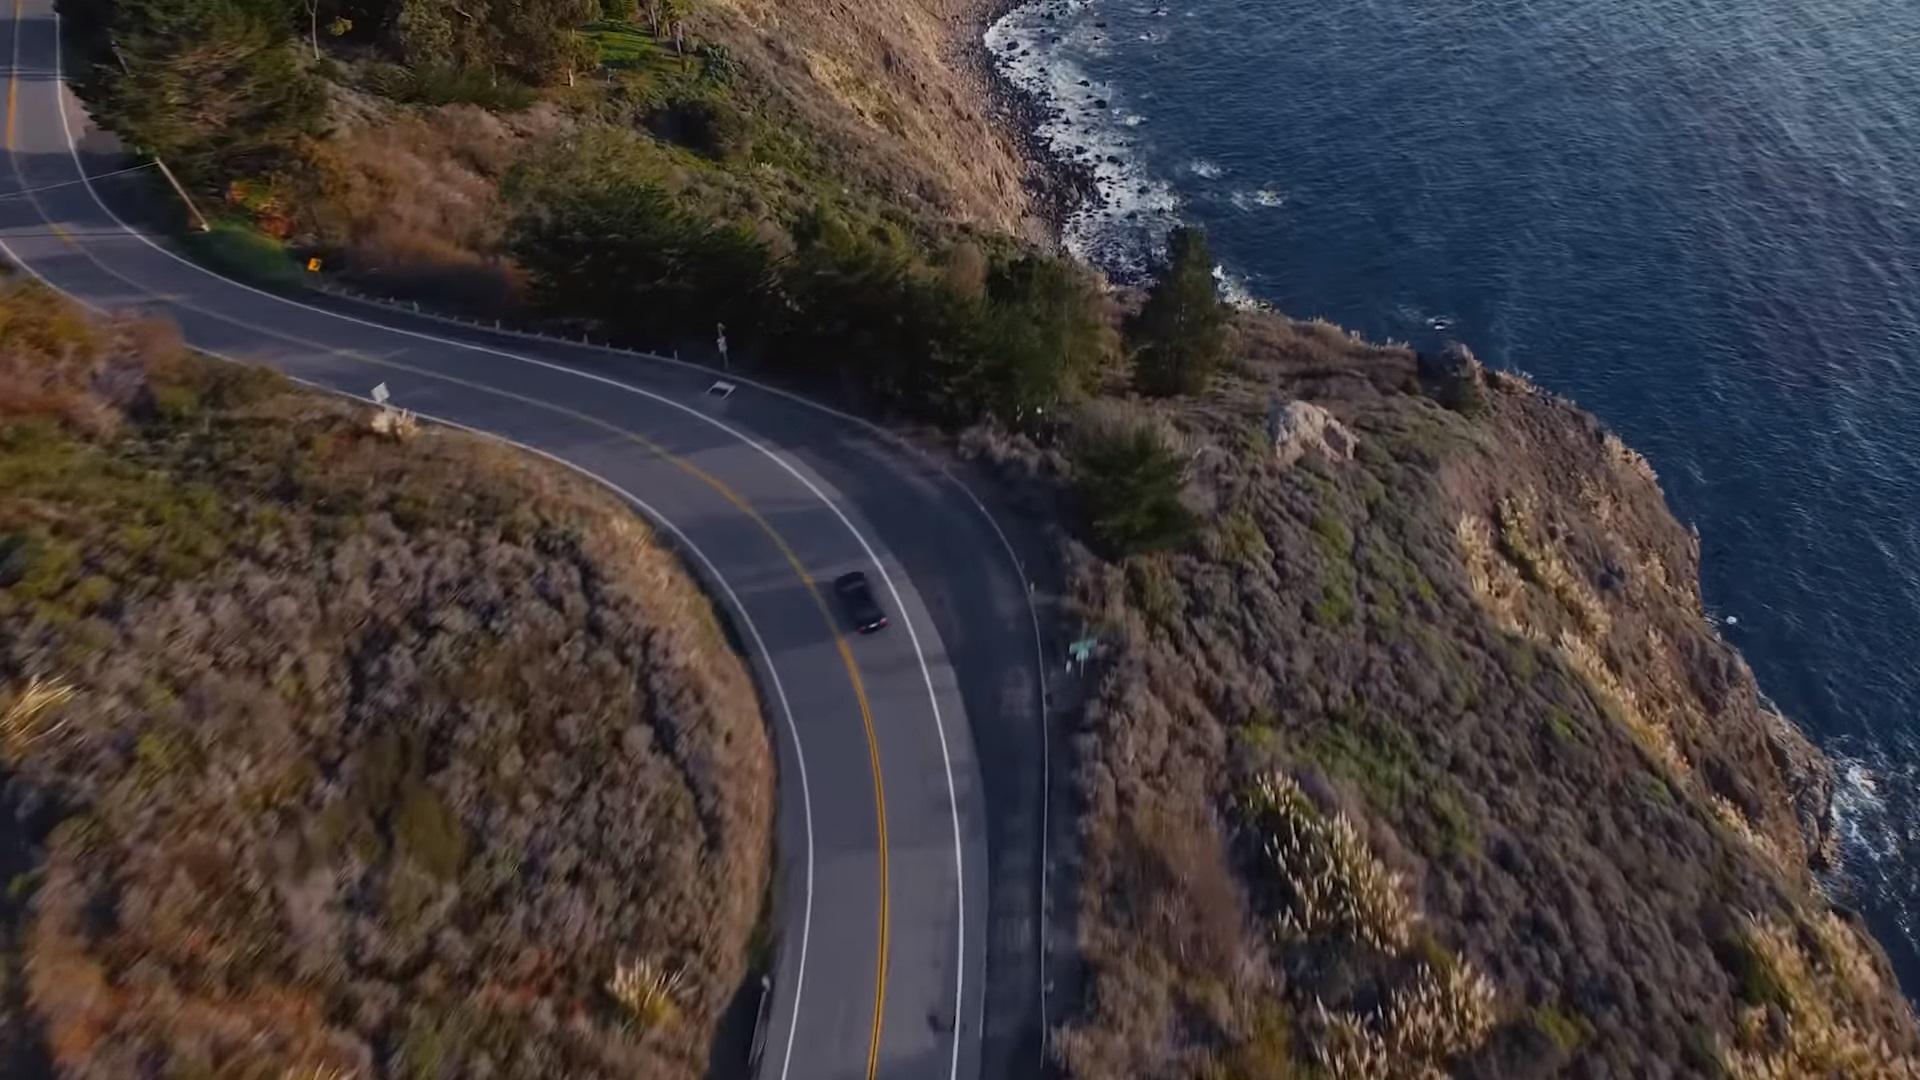 Nagyon élethű kamureklámot csinált a filmrendező a barátnője húszéves, használt kocsijának